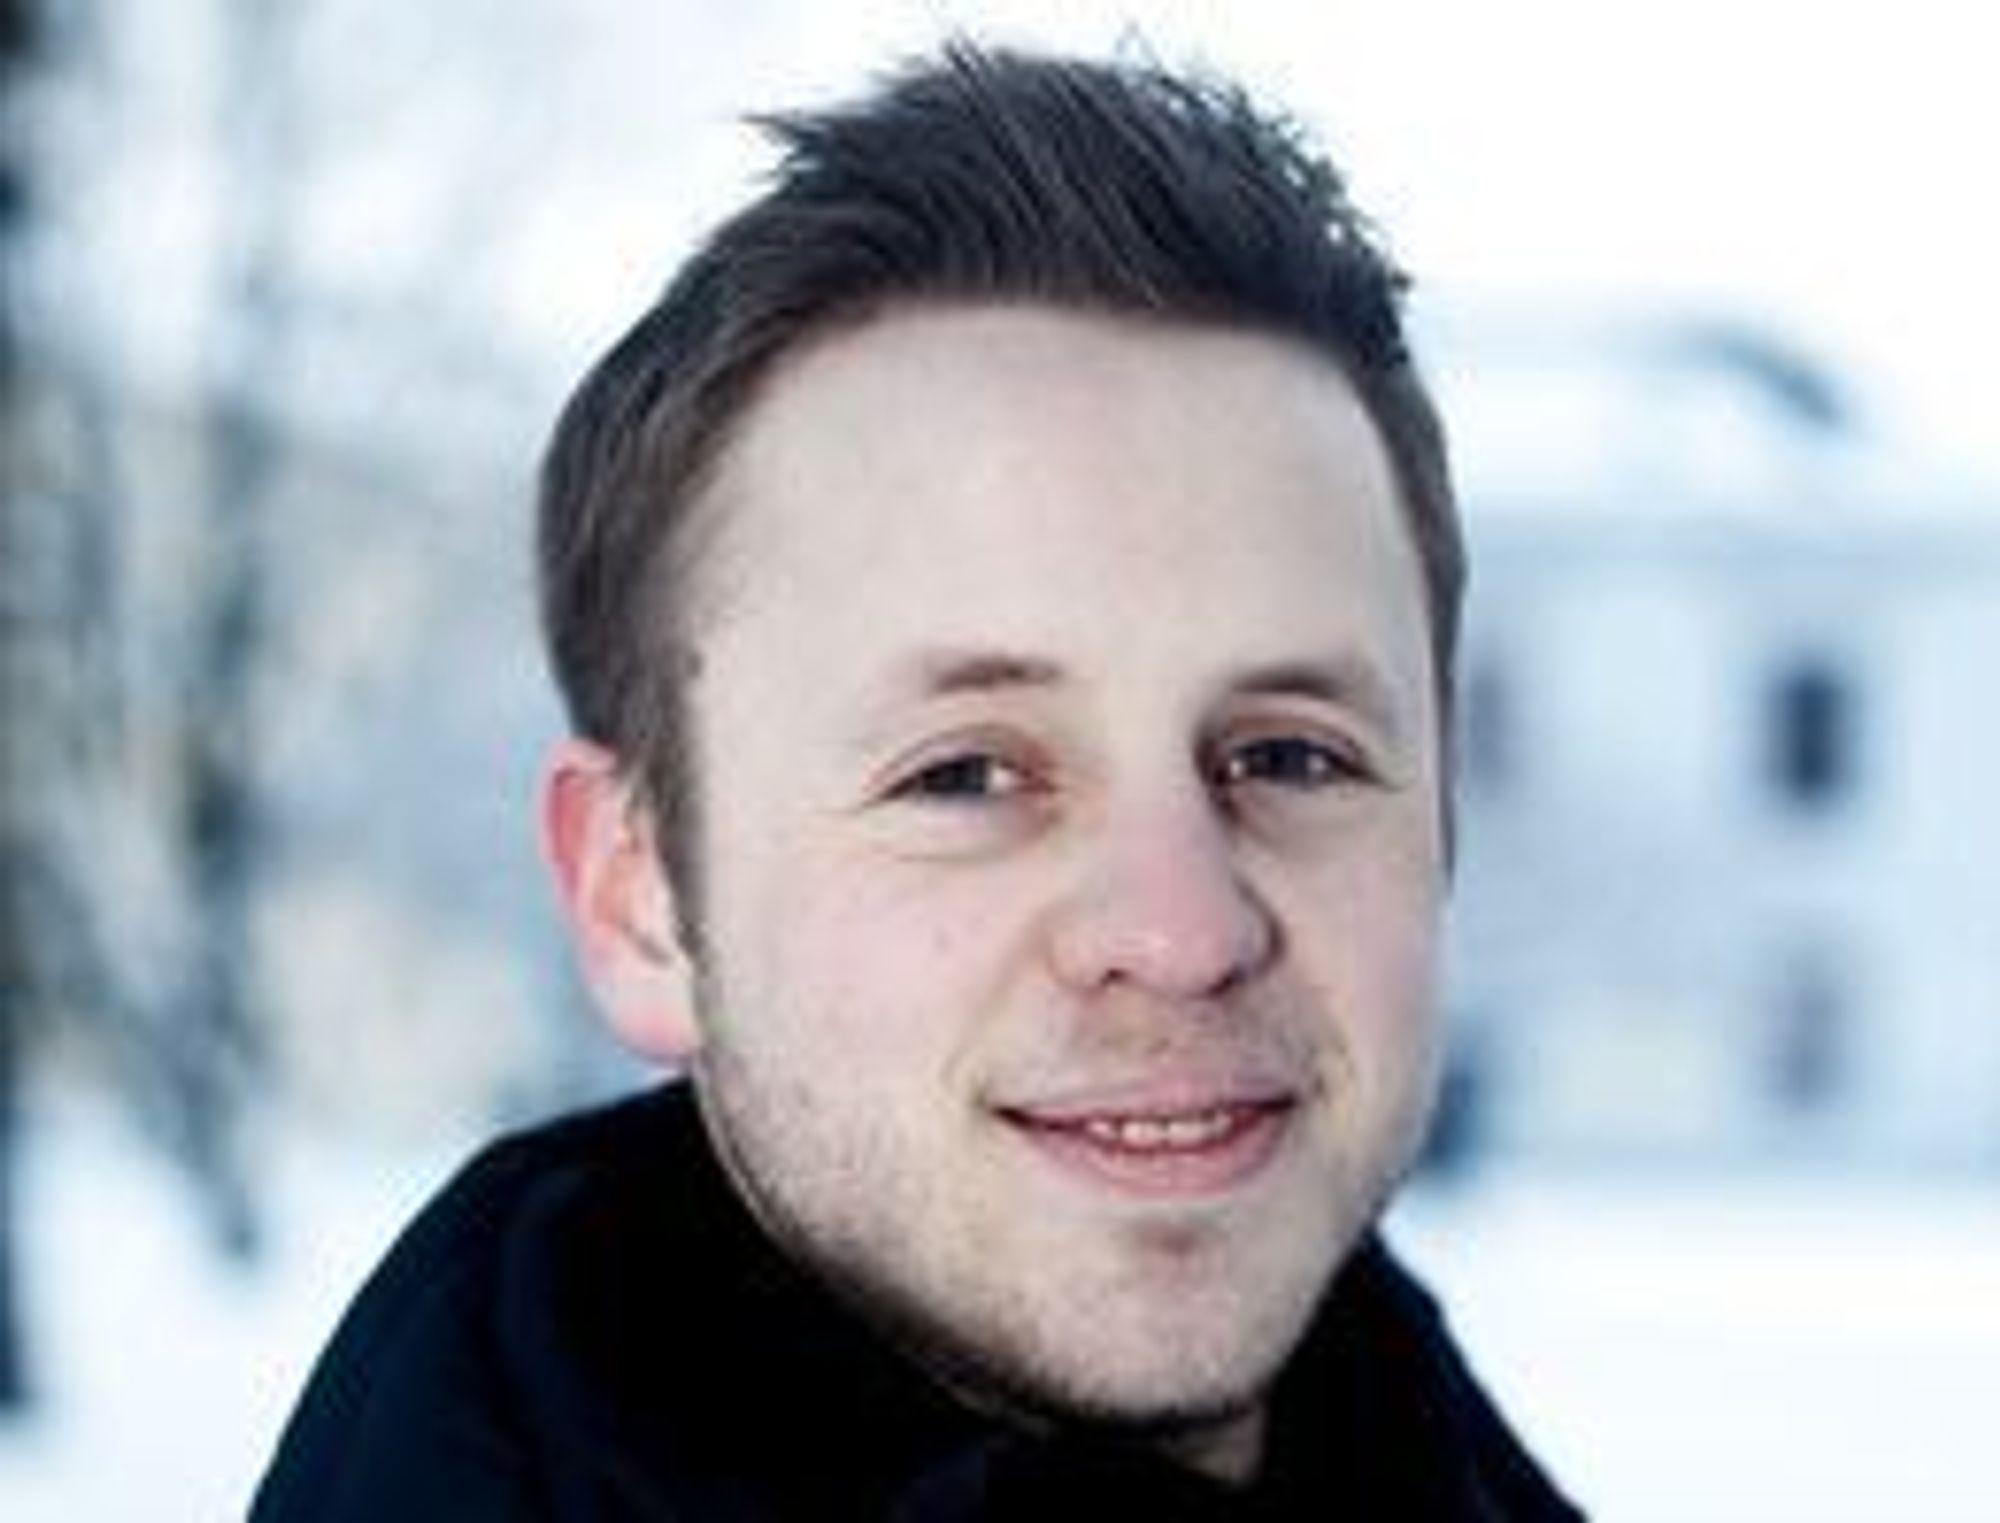 Livar Bergheim ved Universitetet i Bergen har vært involvert i den internasjonale rangeringen.